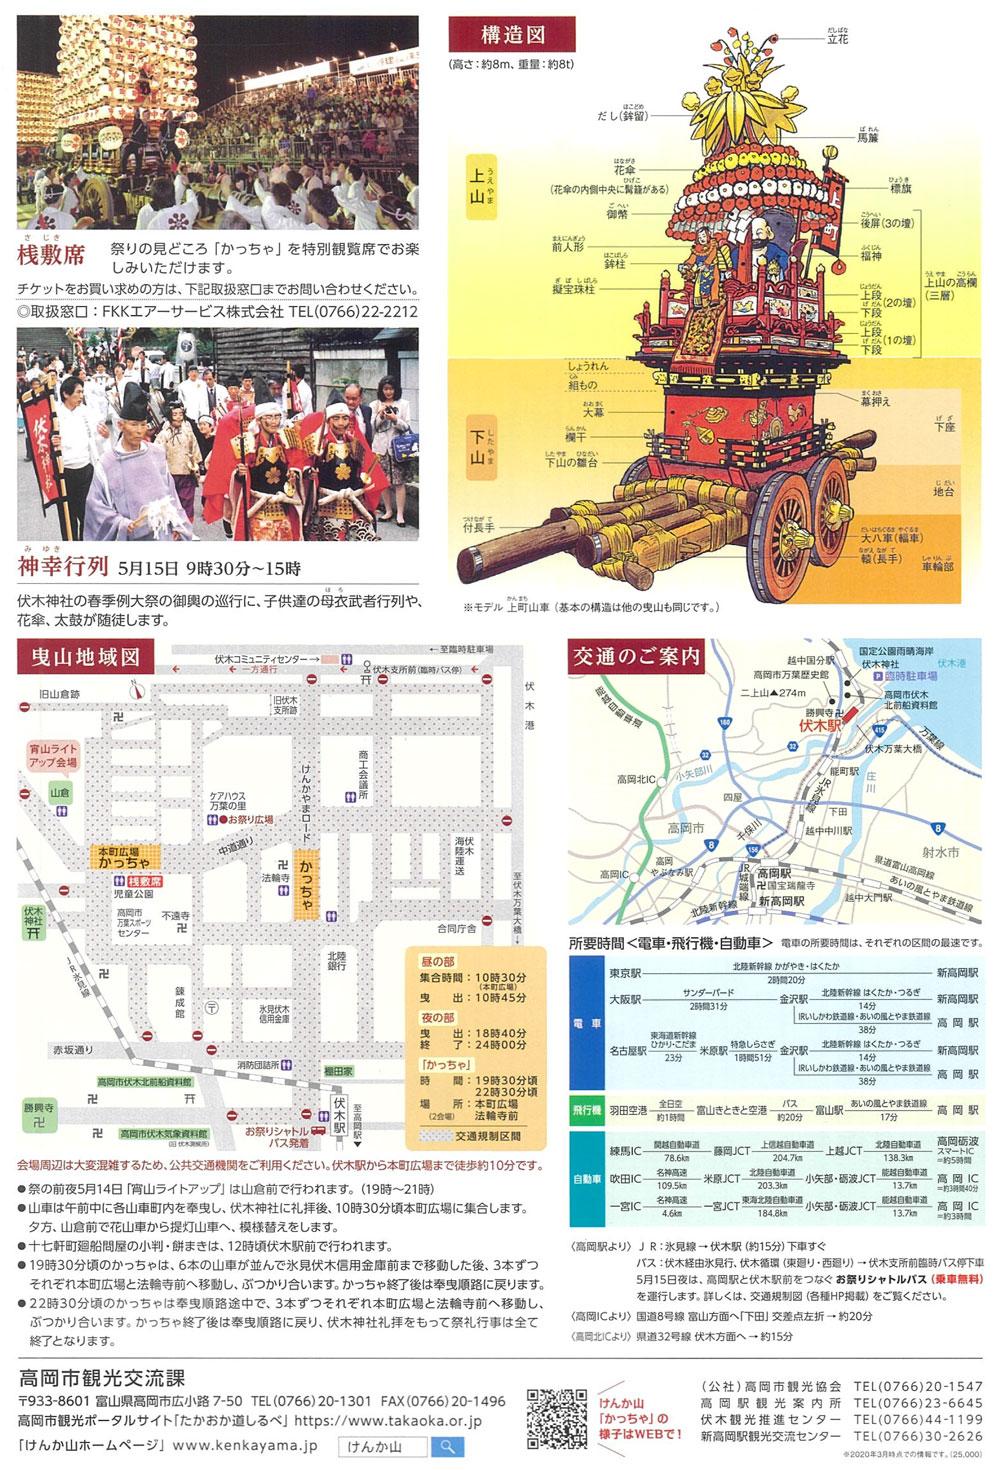 富山県の伏木曳山祭(ケンカ山)のパンフレット4